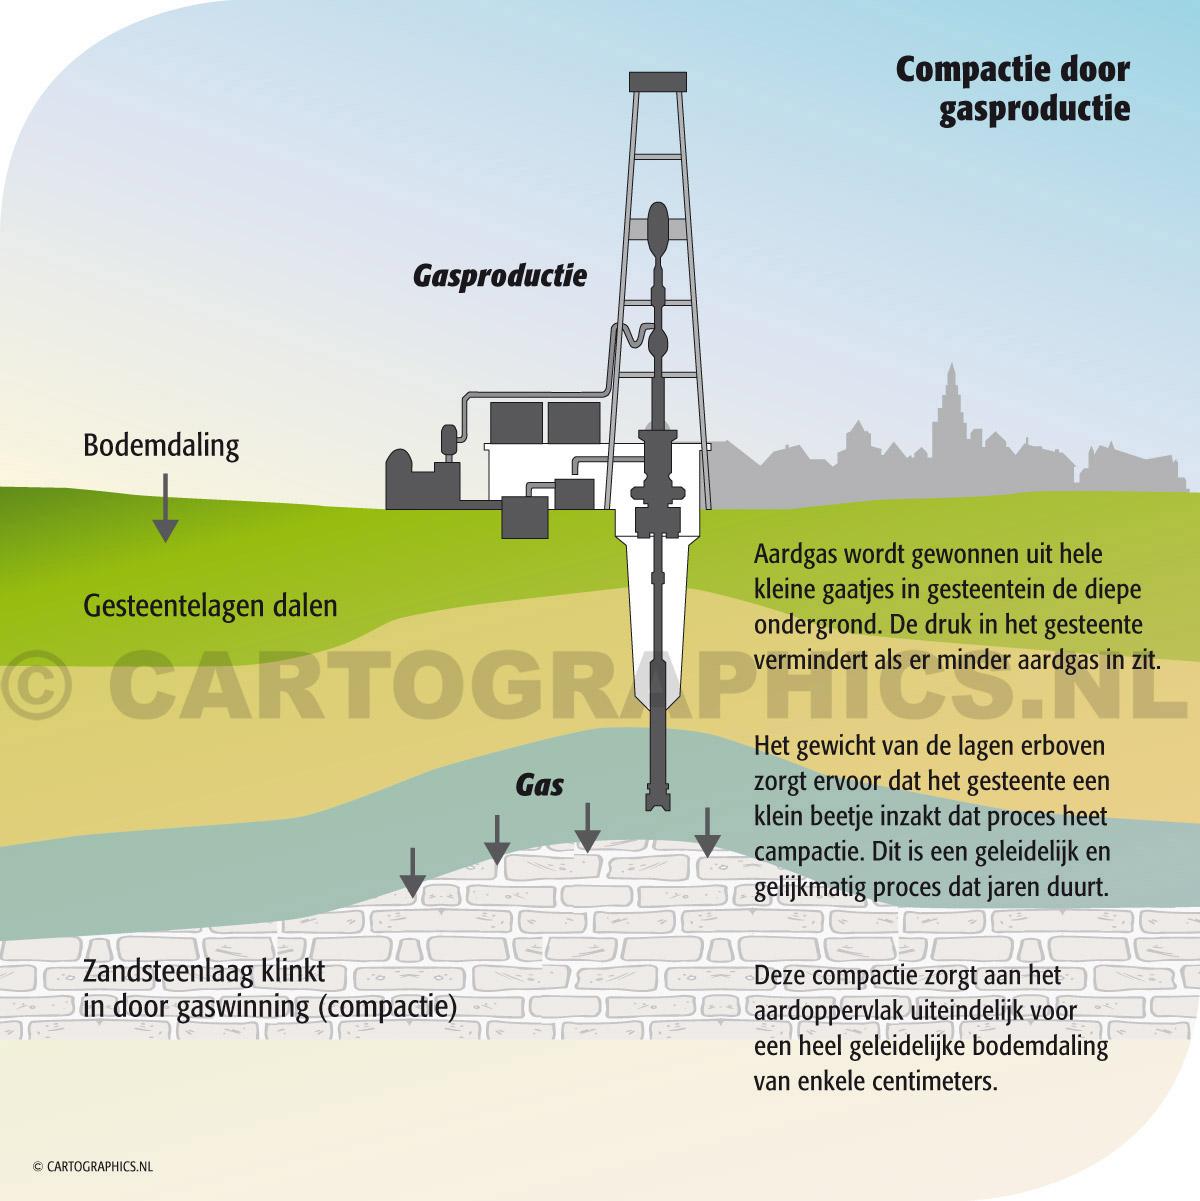 Compactie door gasproductie